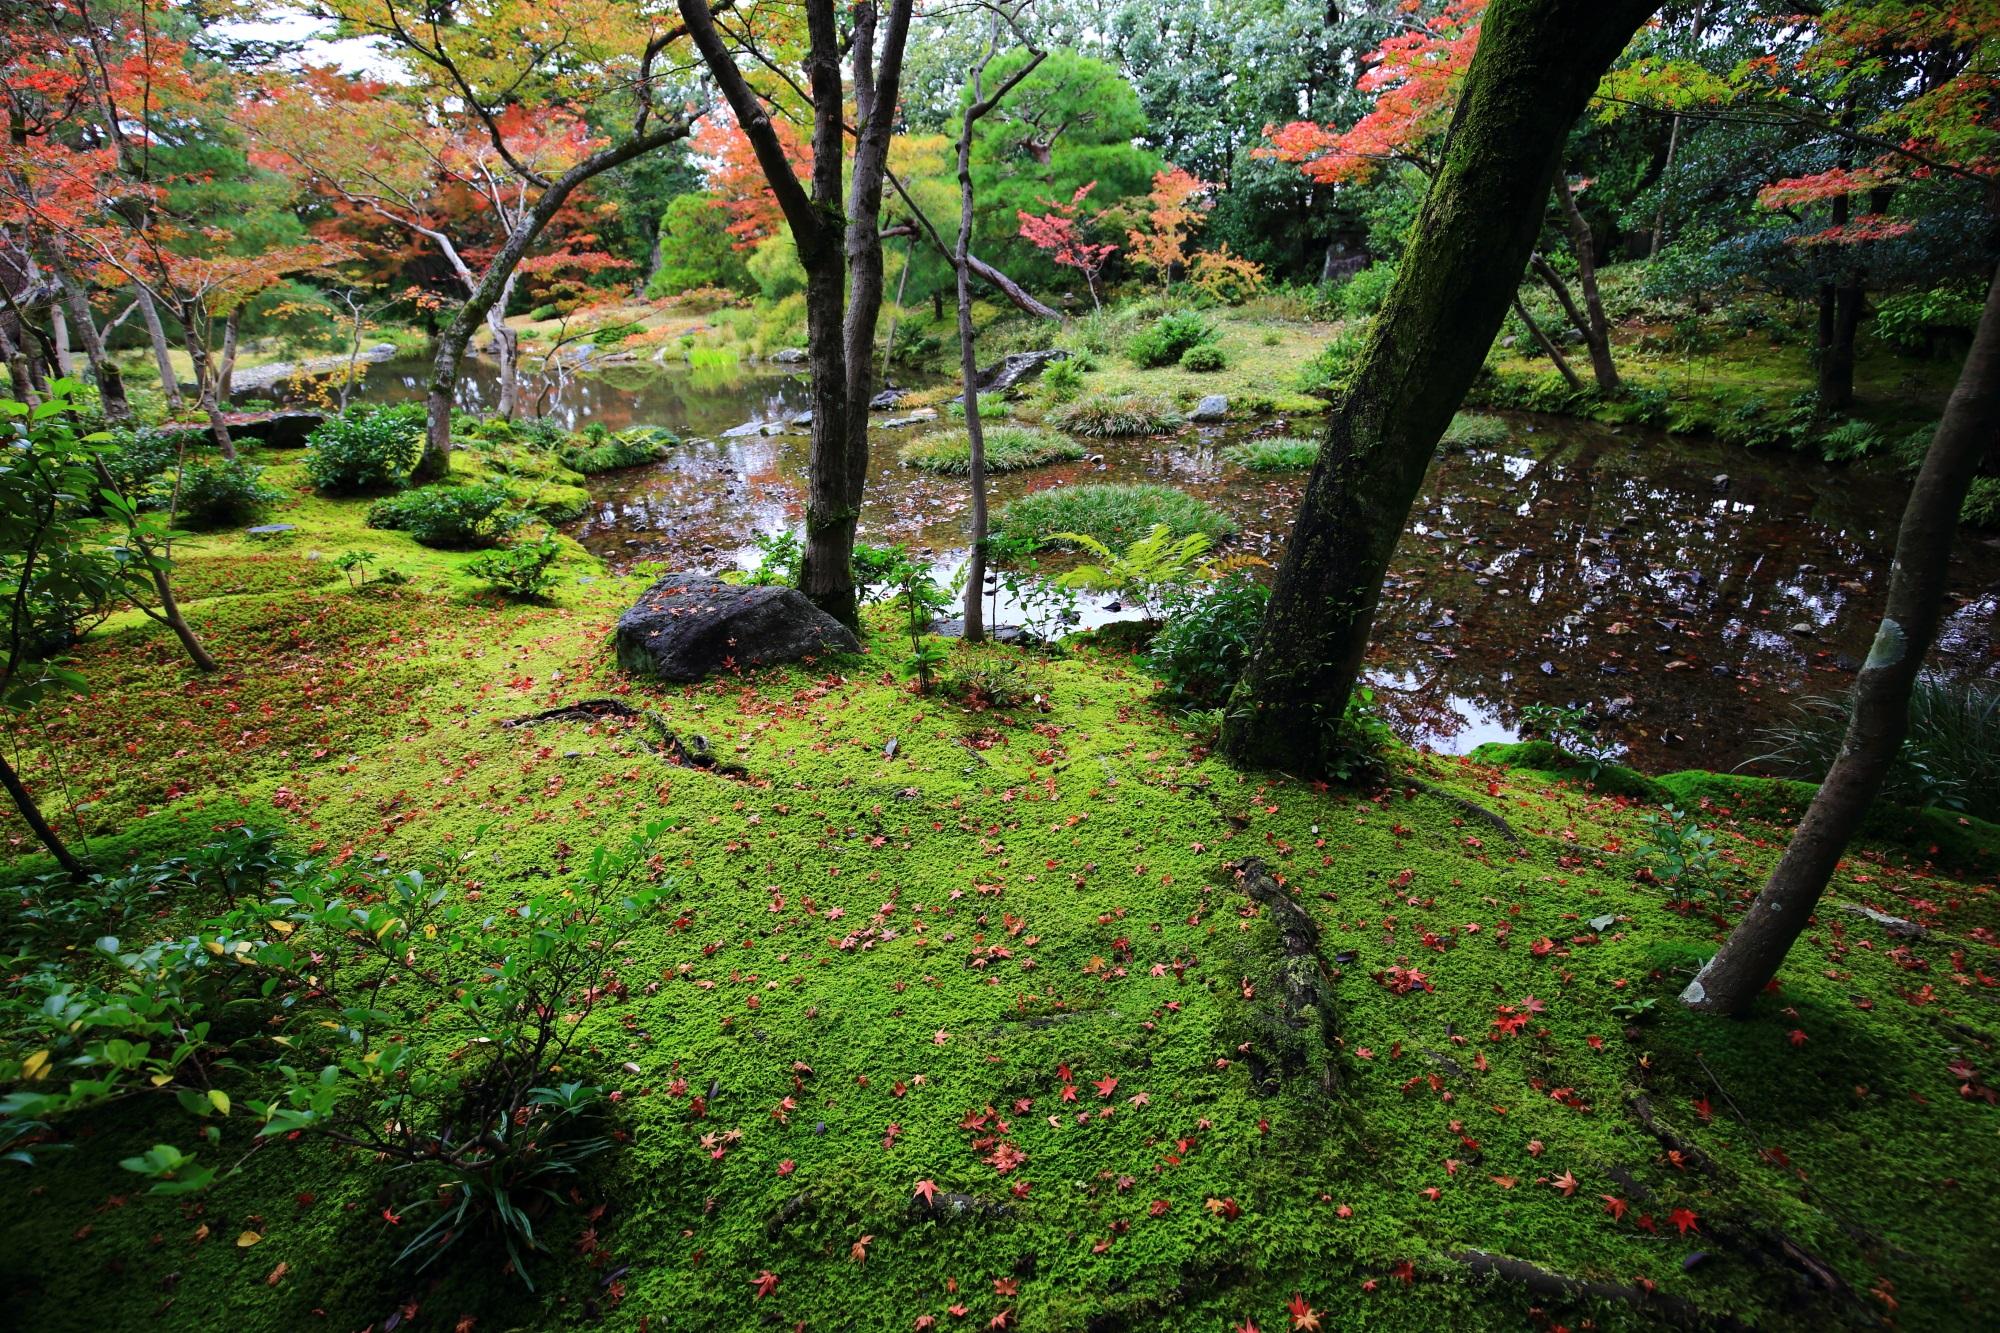 人があまりいない美しい庭園が広がる無鄰菴